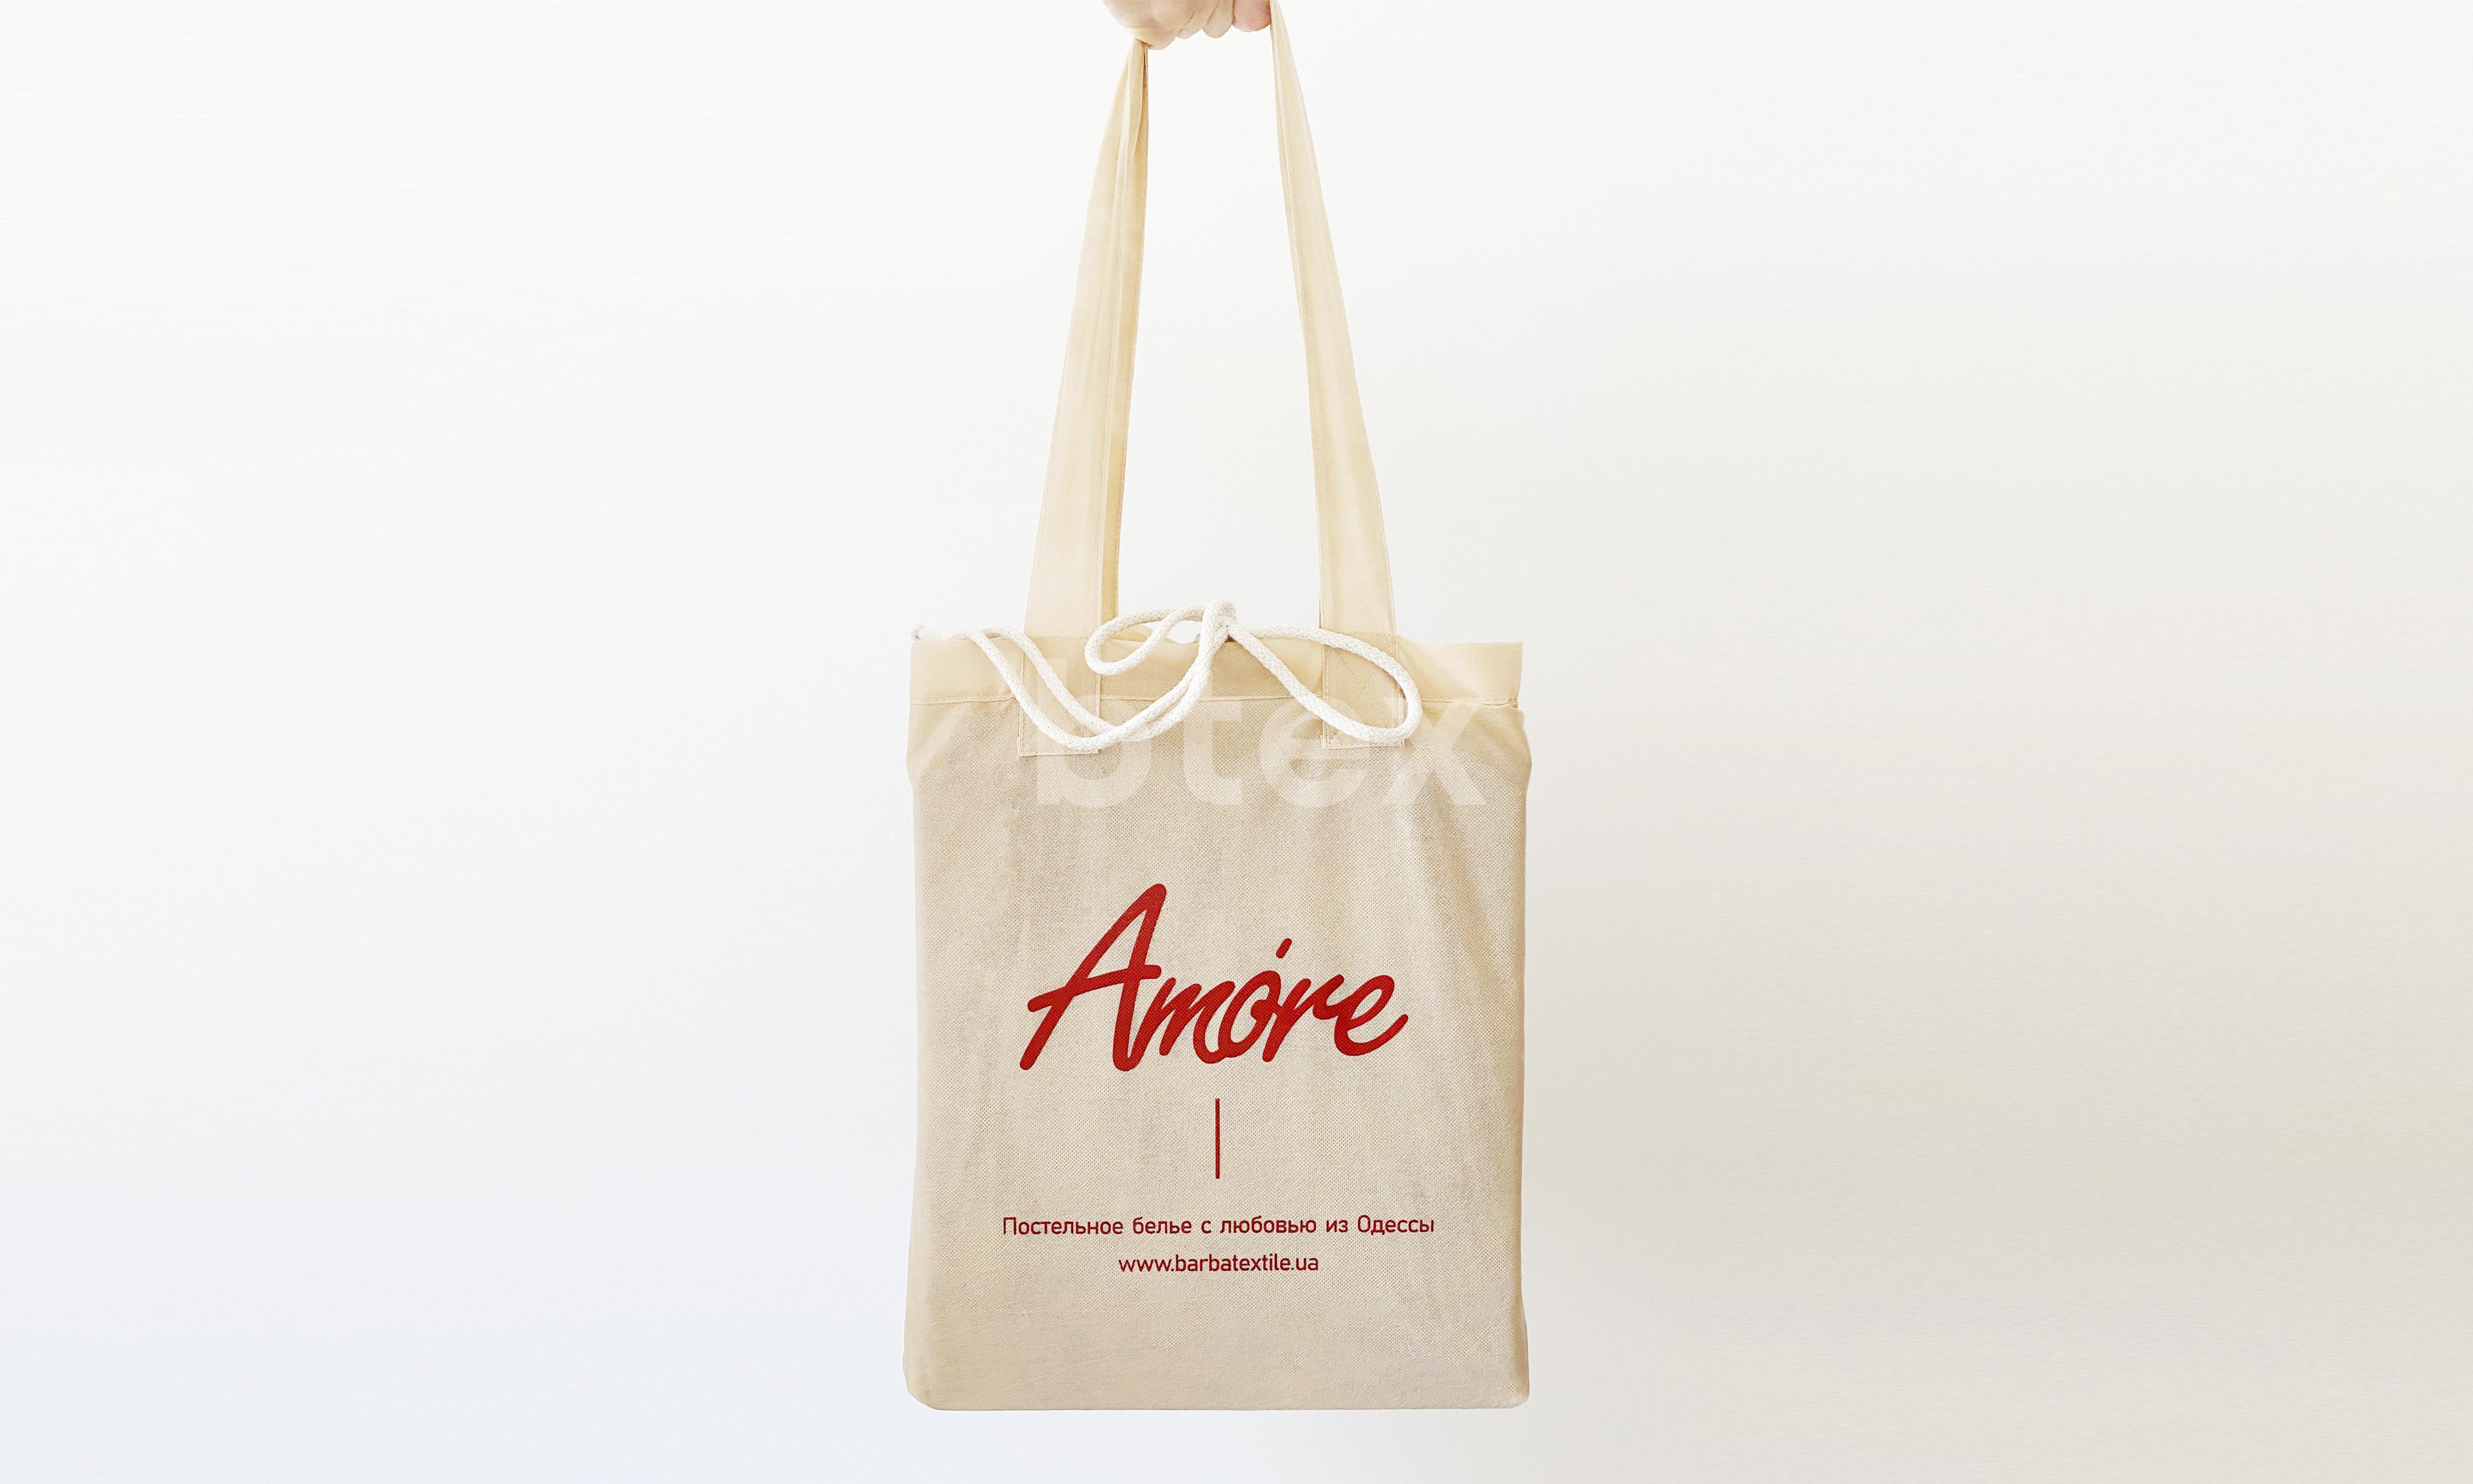 Комплект двуспальный Cтрайп-сатин в сумке фото-3